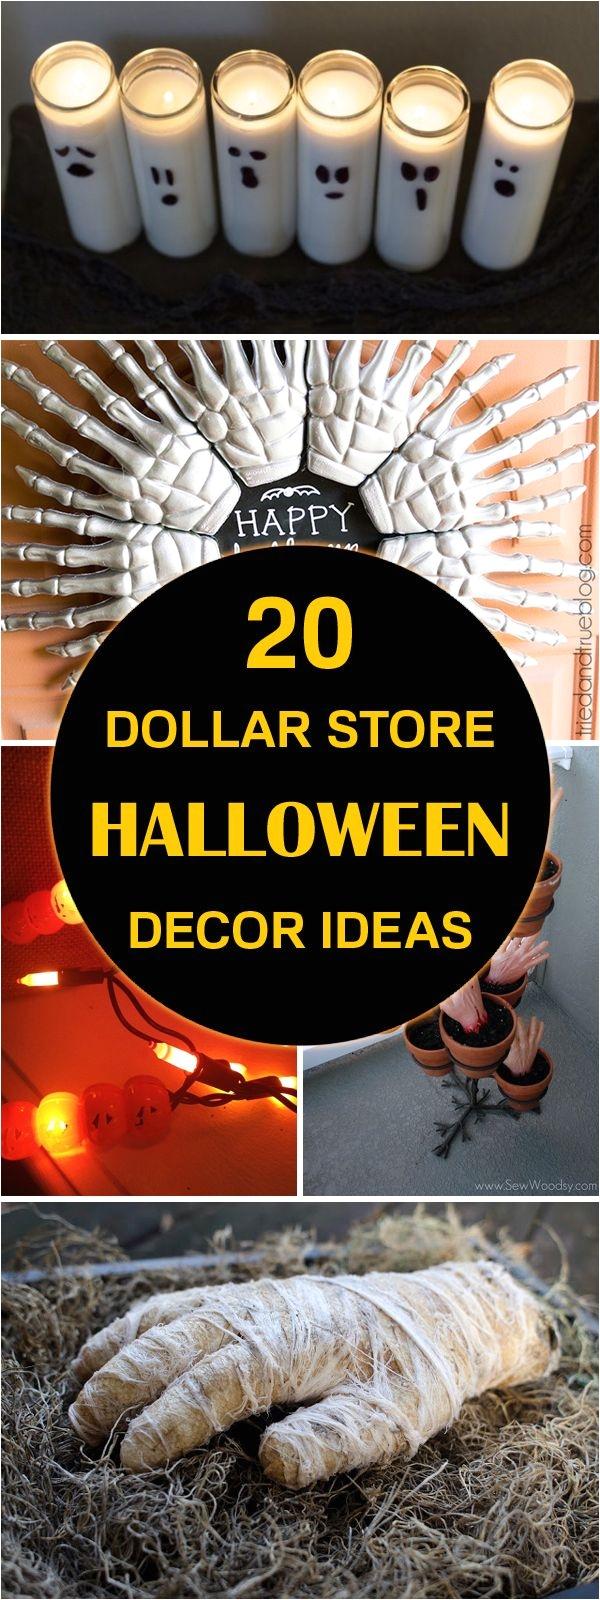 20 dollar store halloween decor ideas